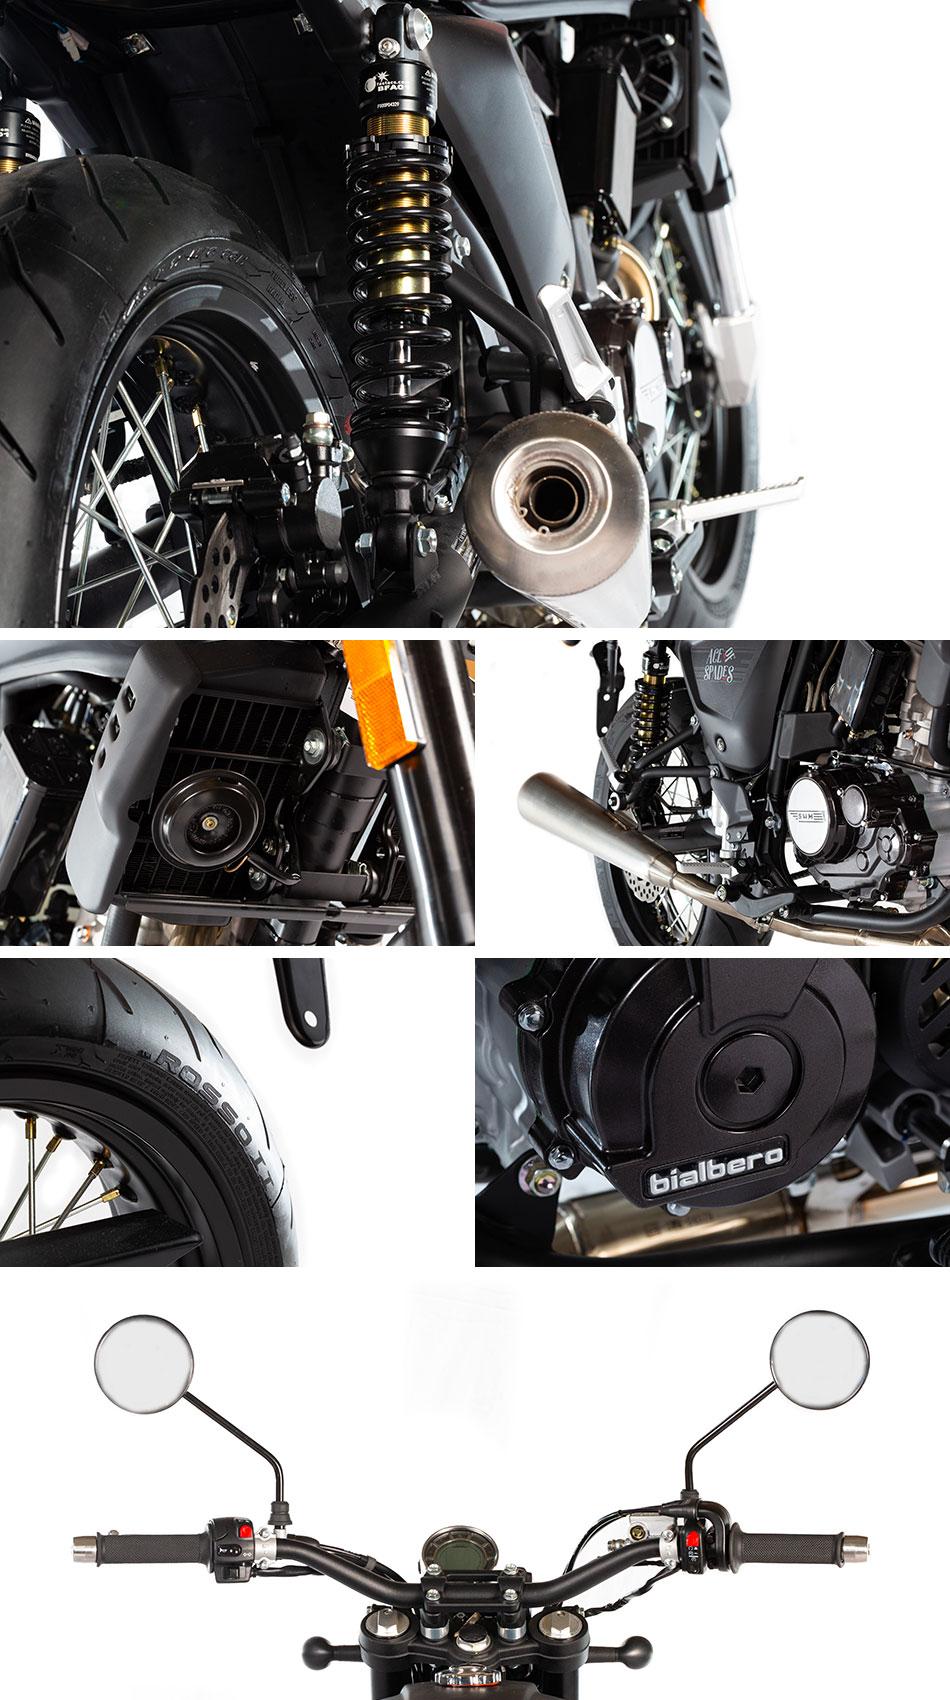 125cc-Ace-of-Spade-SWM-Peps-Motos2